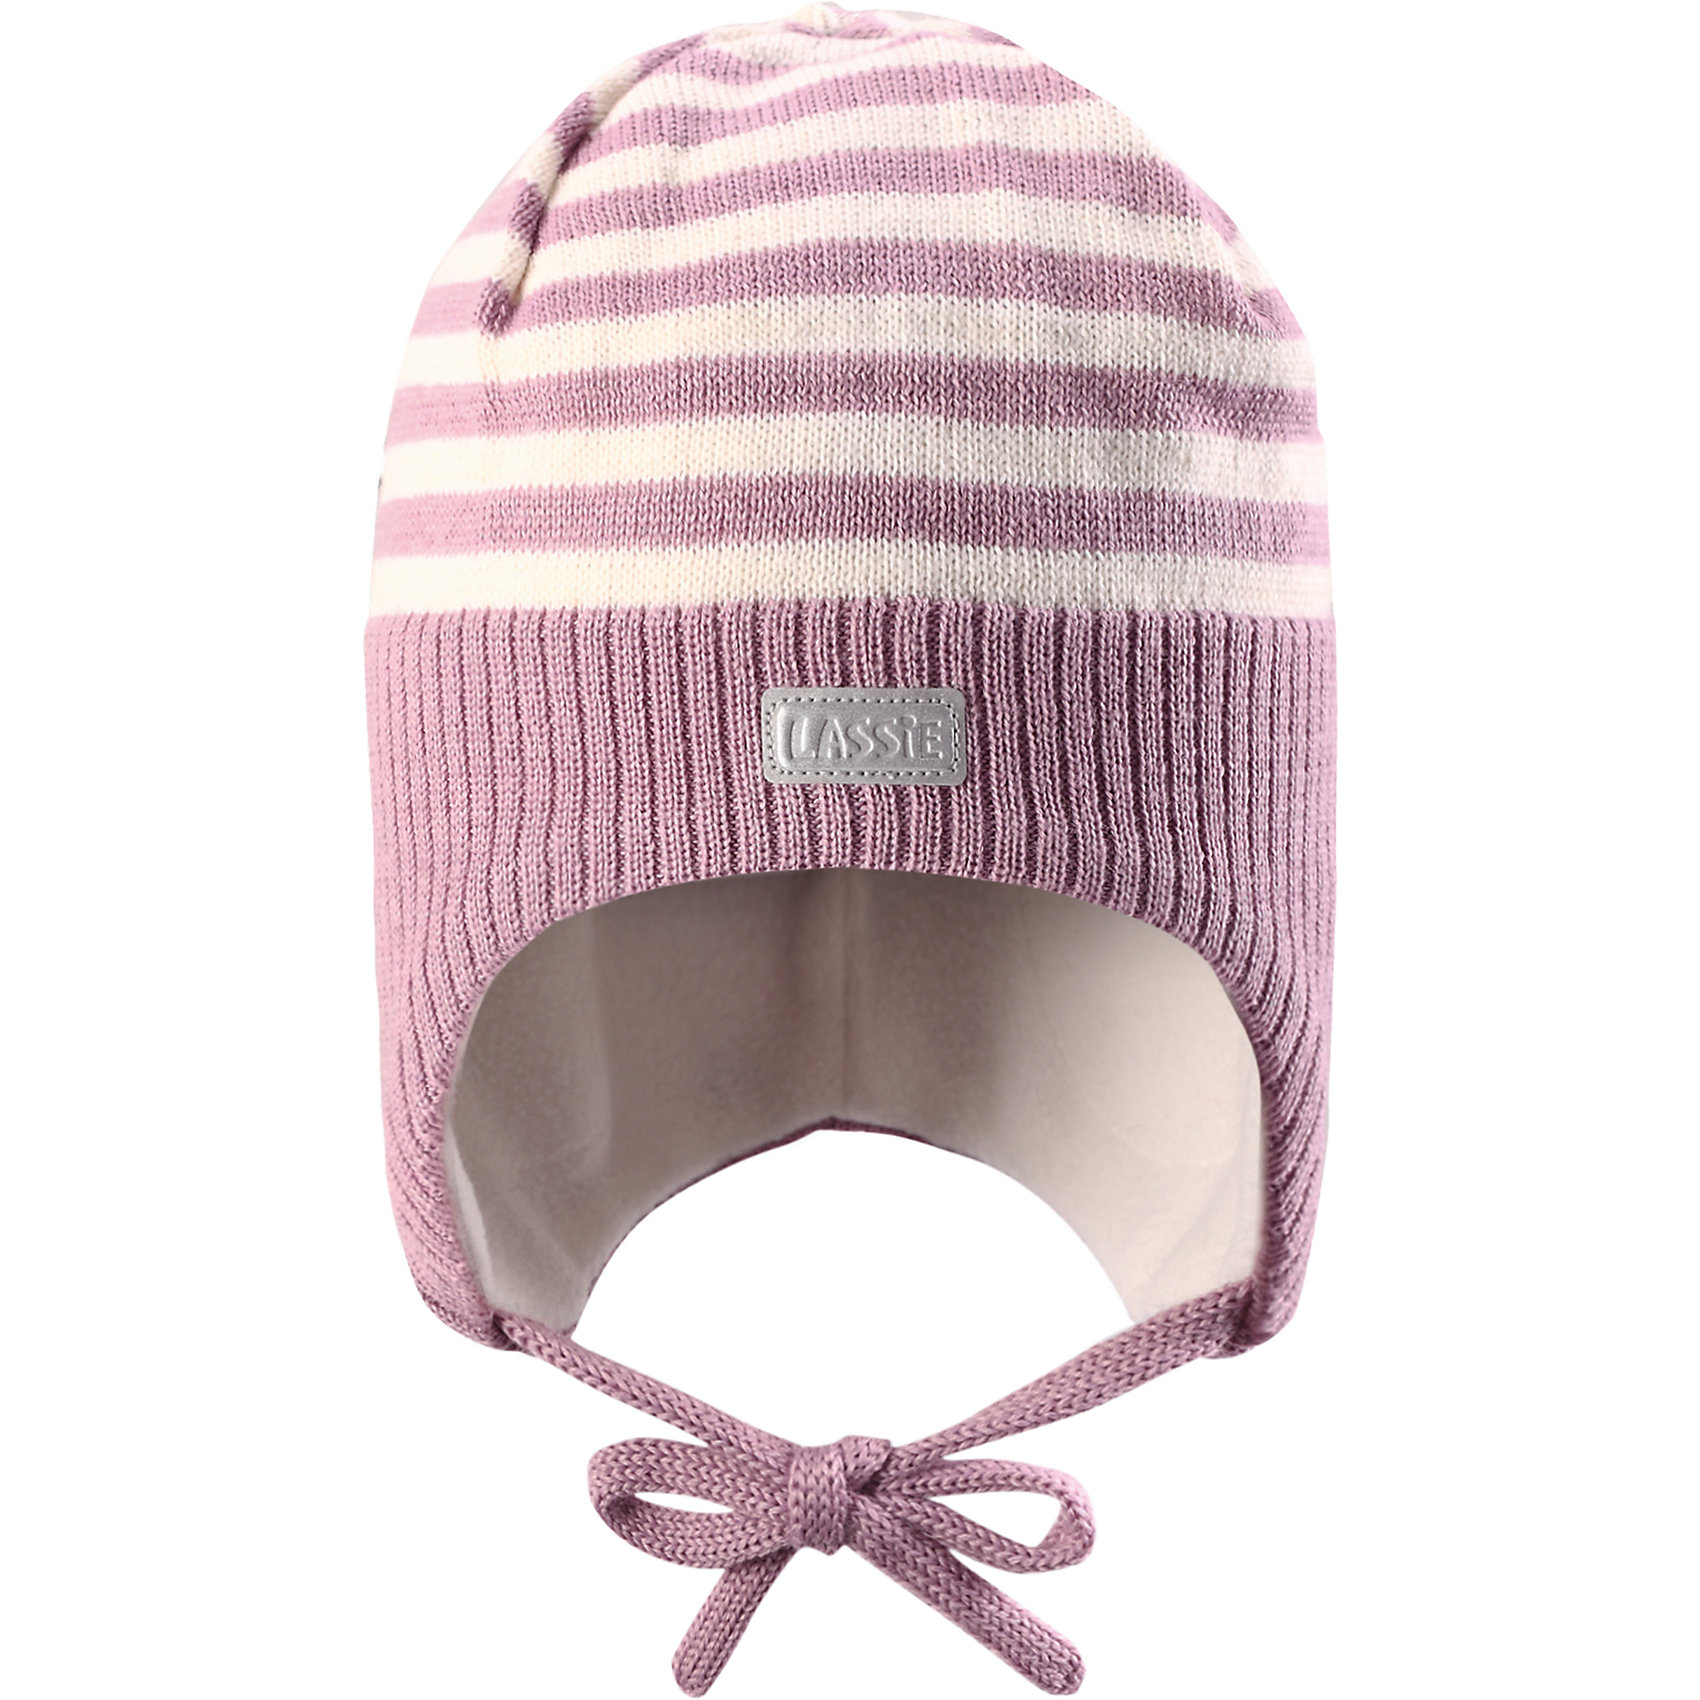 Шапка LASSIEШапка «Бини» для самых маленьких известной финской марки.<br><br>- Мягкая и теплая ткань из смеси шерсти. <br>-Ветронепроницаемые вставки в области ушей. <br>- Мягкая теплая подкладка из флиса.<br>- Милый вязаный узор. <br>- Светоотражающая эмблема Lassie® спереди.<br><br> Рекомендации по уходу: Придать первоначальную форму вo влажном виде. Возможна усадка 5 %.<br><br>Состав: 50% Шерсть, 50% полиакрил.<br><br>Ширина мм: 89<br>Глубина мм: 117<br>Высота мм: 44<br>Вес г: 155<br>Цвет: розовый<br>Возраст от месяцев: 3<br>Возраст до месяцев: 6<br>Пол: Женский<br>Возраст: Детский<br>Размер: 42-44,50-52,46-48,44-46<br>SKU: 4781064